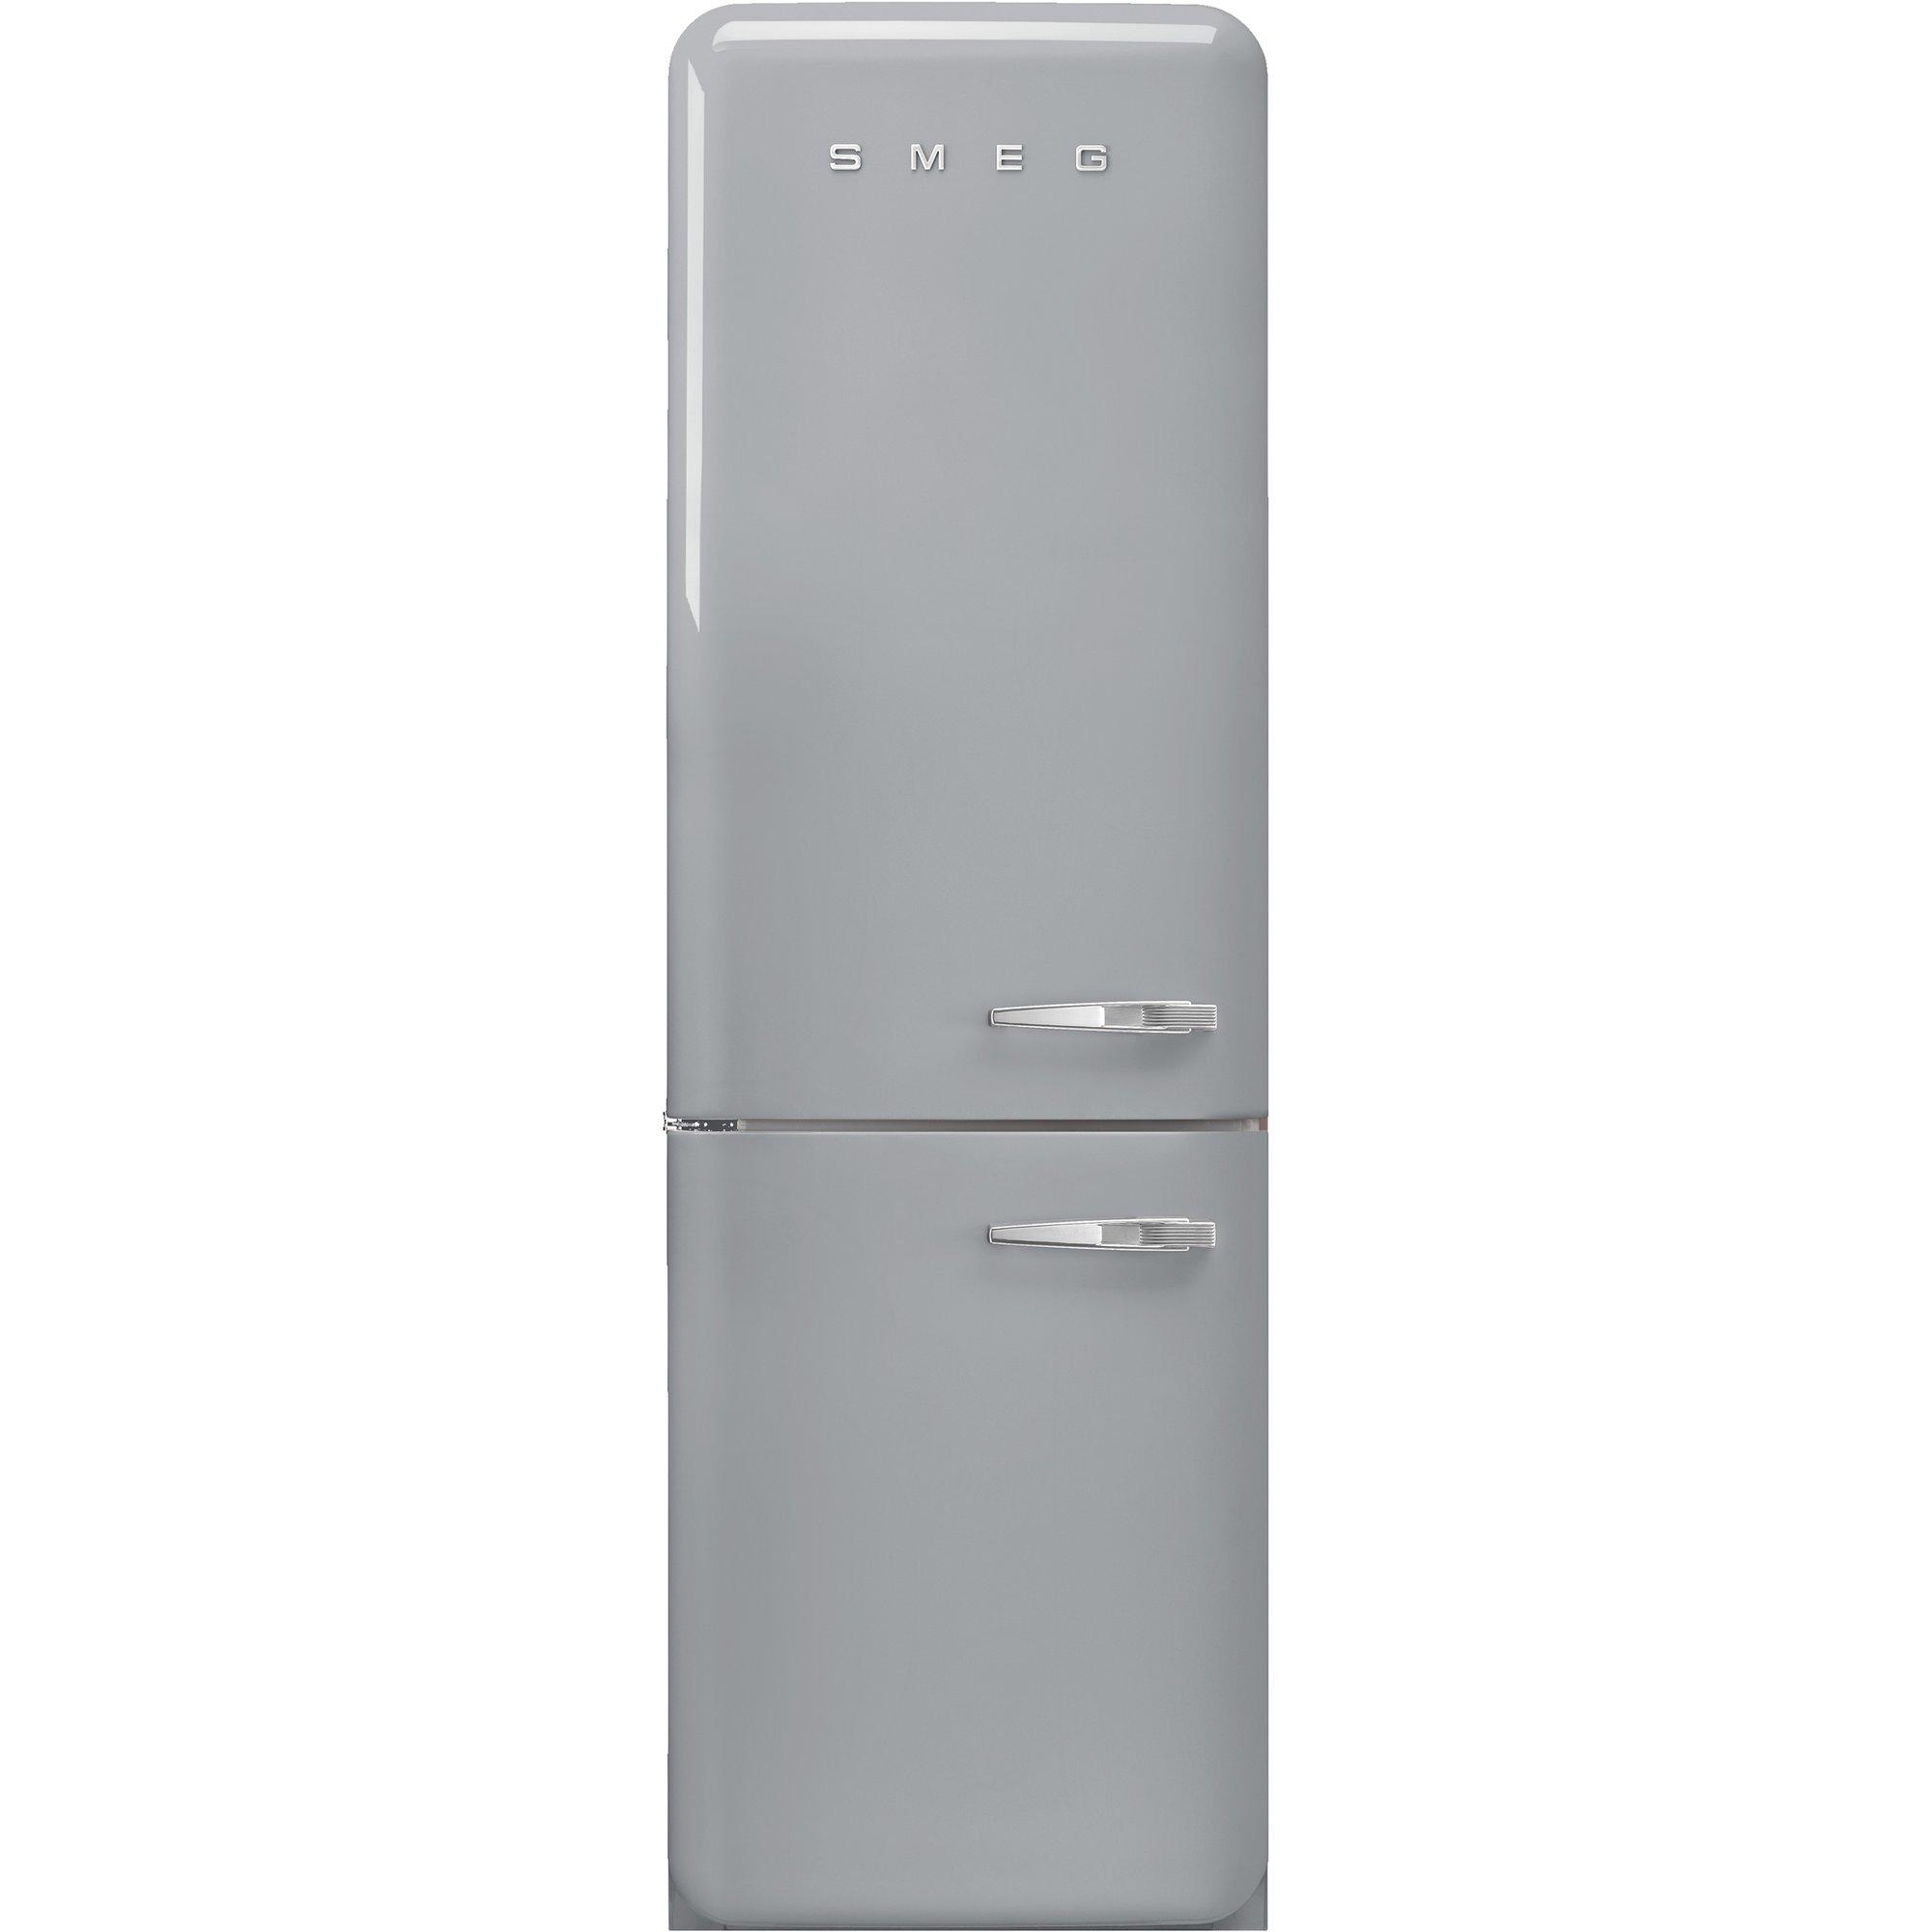 Smeg Vänsterhängt Kylskåp/frys i Retrodesign Silvergrå